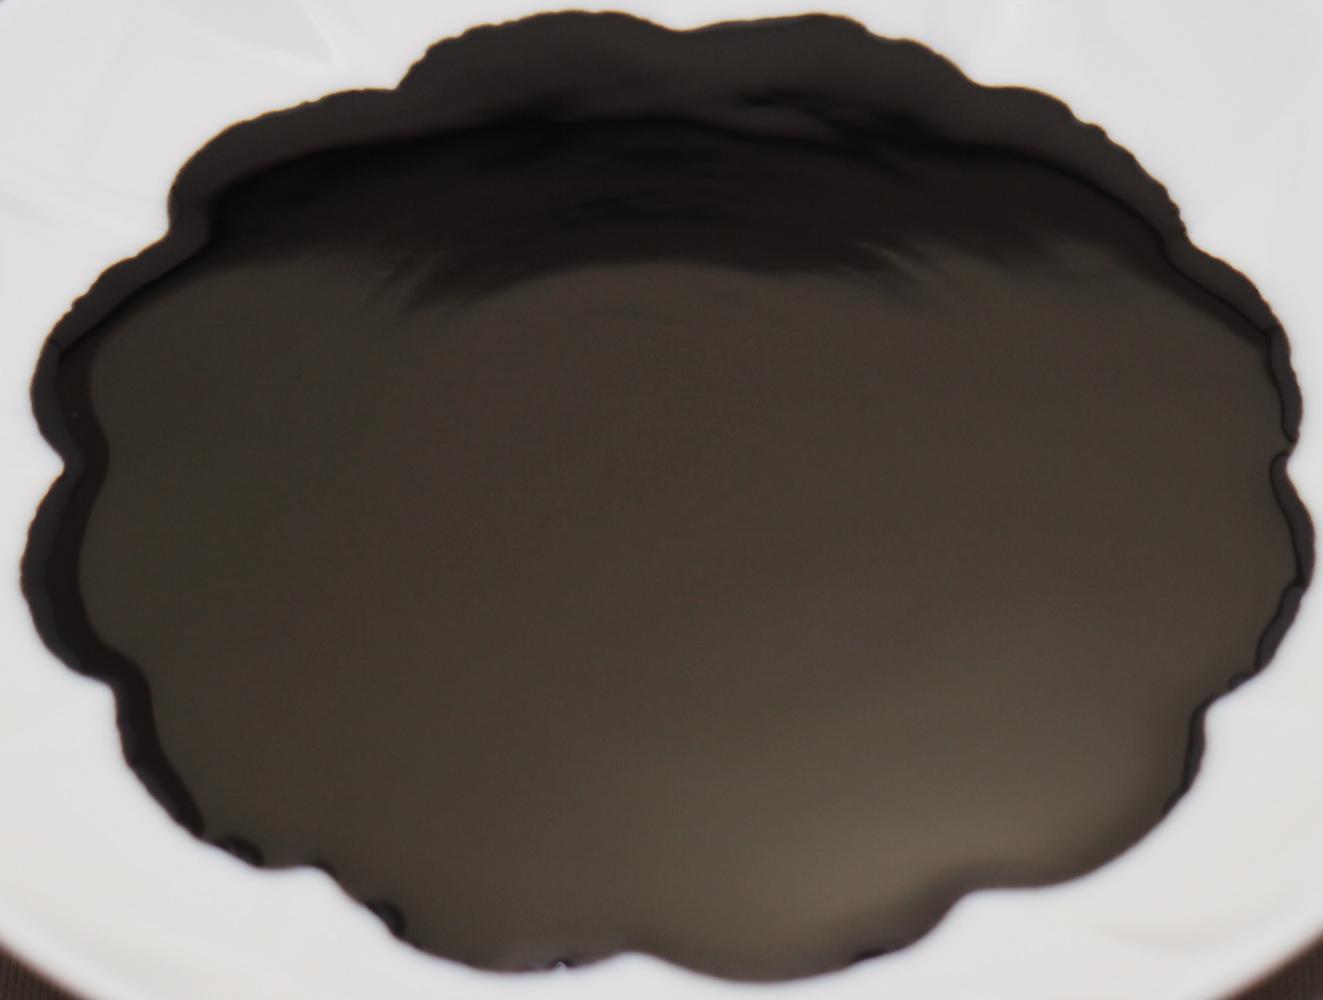 胡麻屋の底力 香る黒ごまペースト 1kg×10袋  【黒練り胡麻 無糖 無添加 業務用 大容量 和田萬商店】